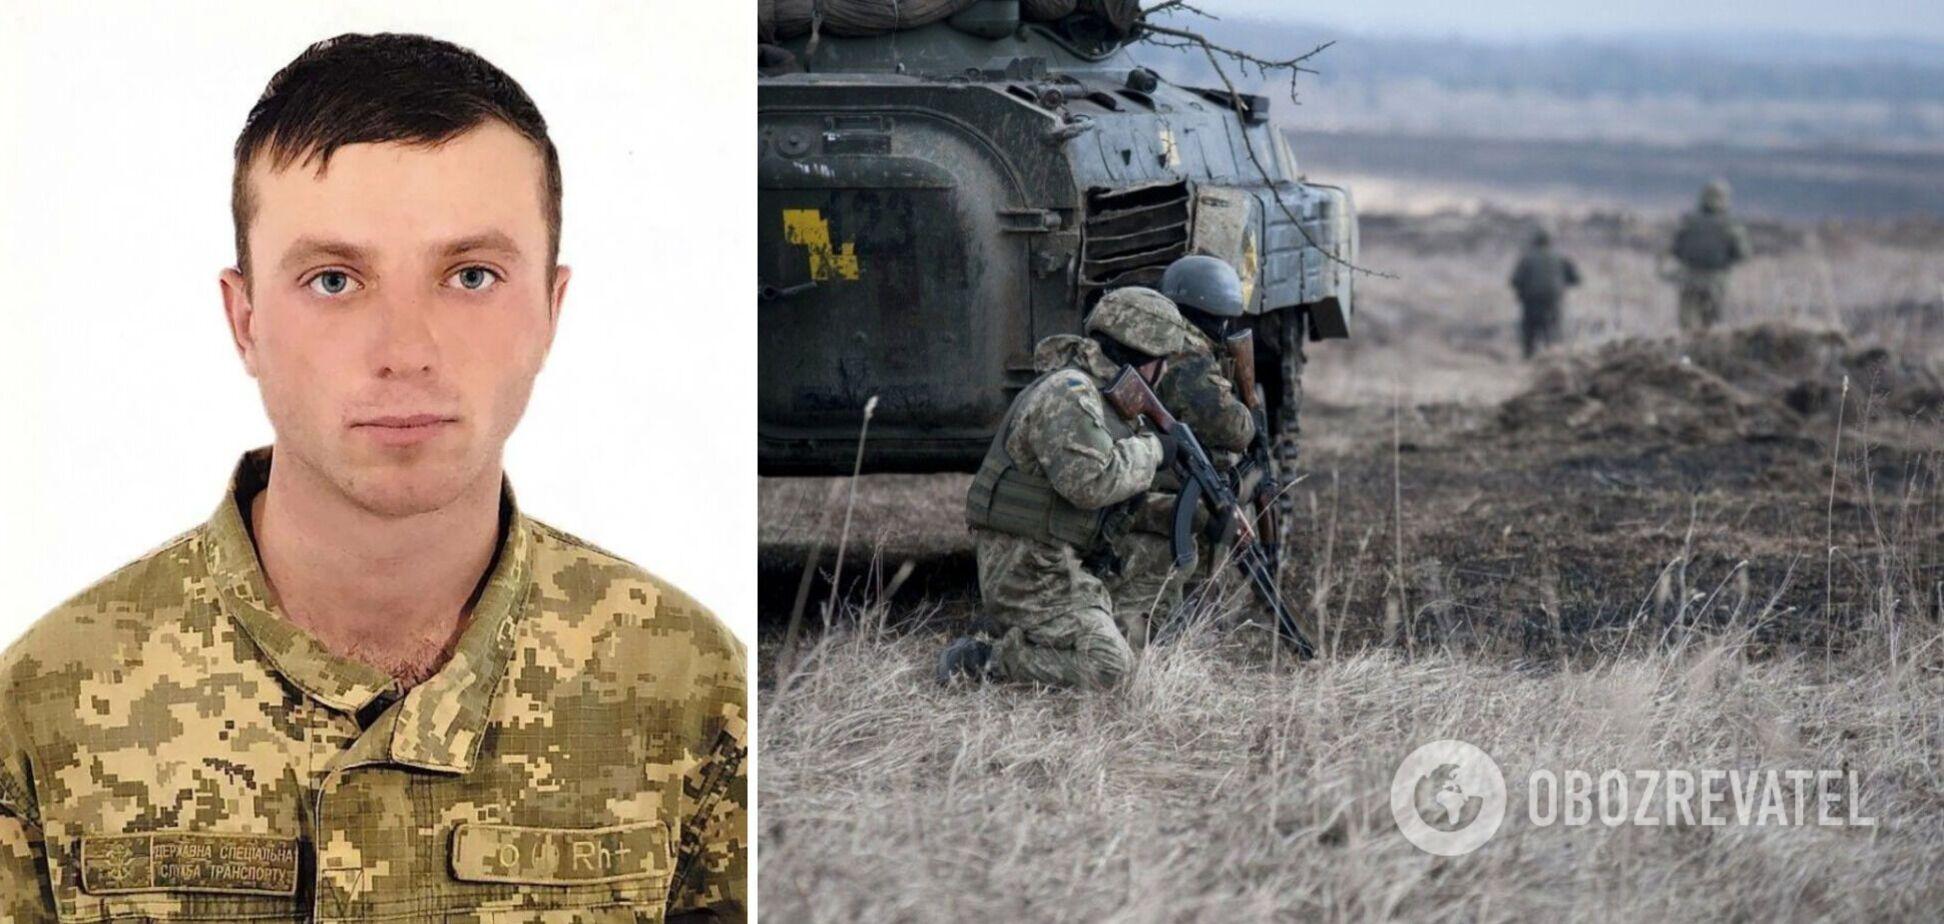 22-річний Денис, якого вбив снайпер РФ, був сиротою, але недавно став батьком: подробиці